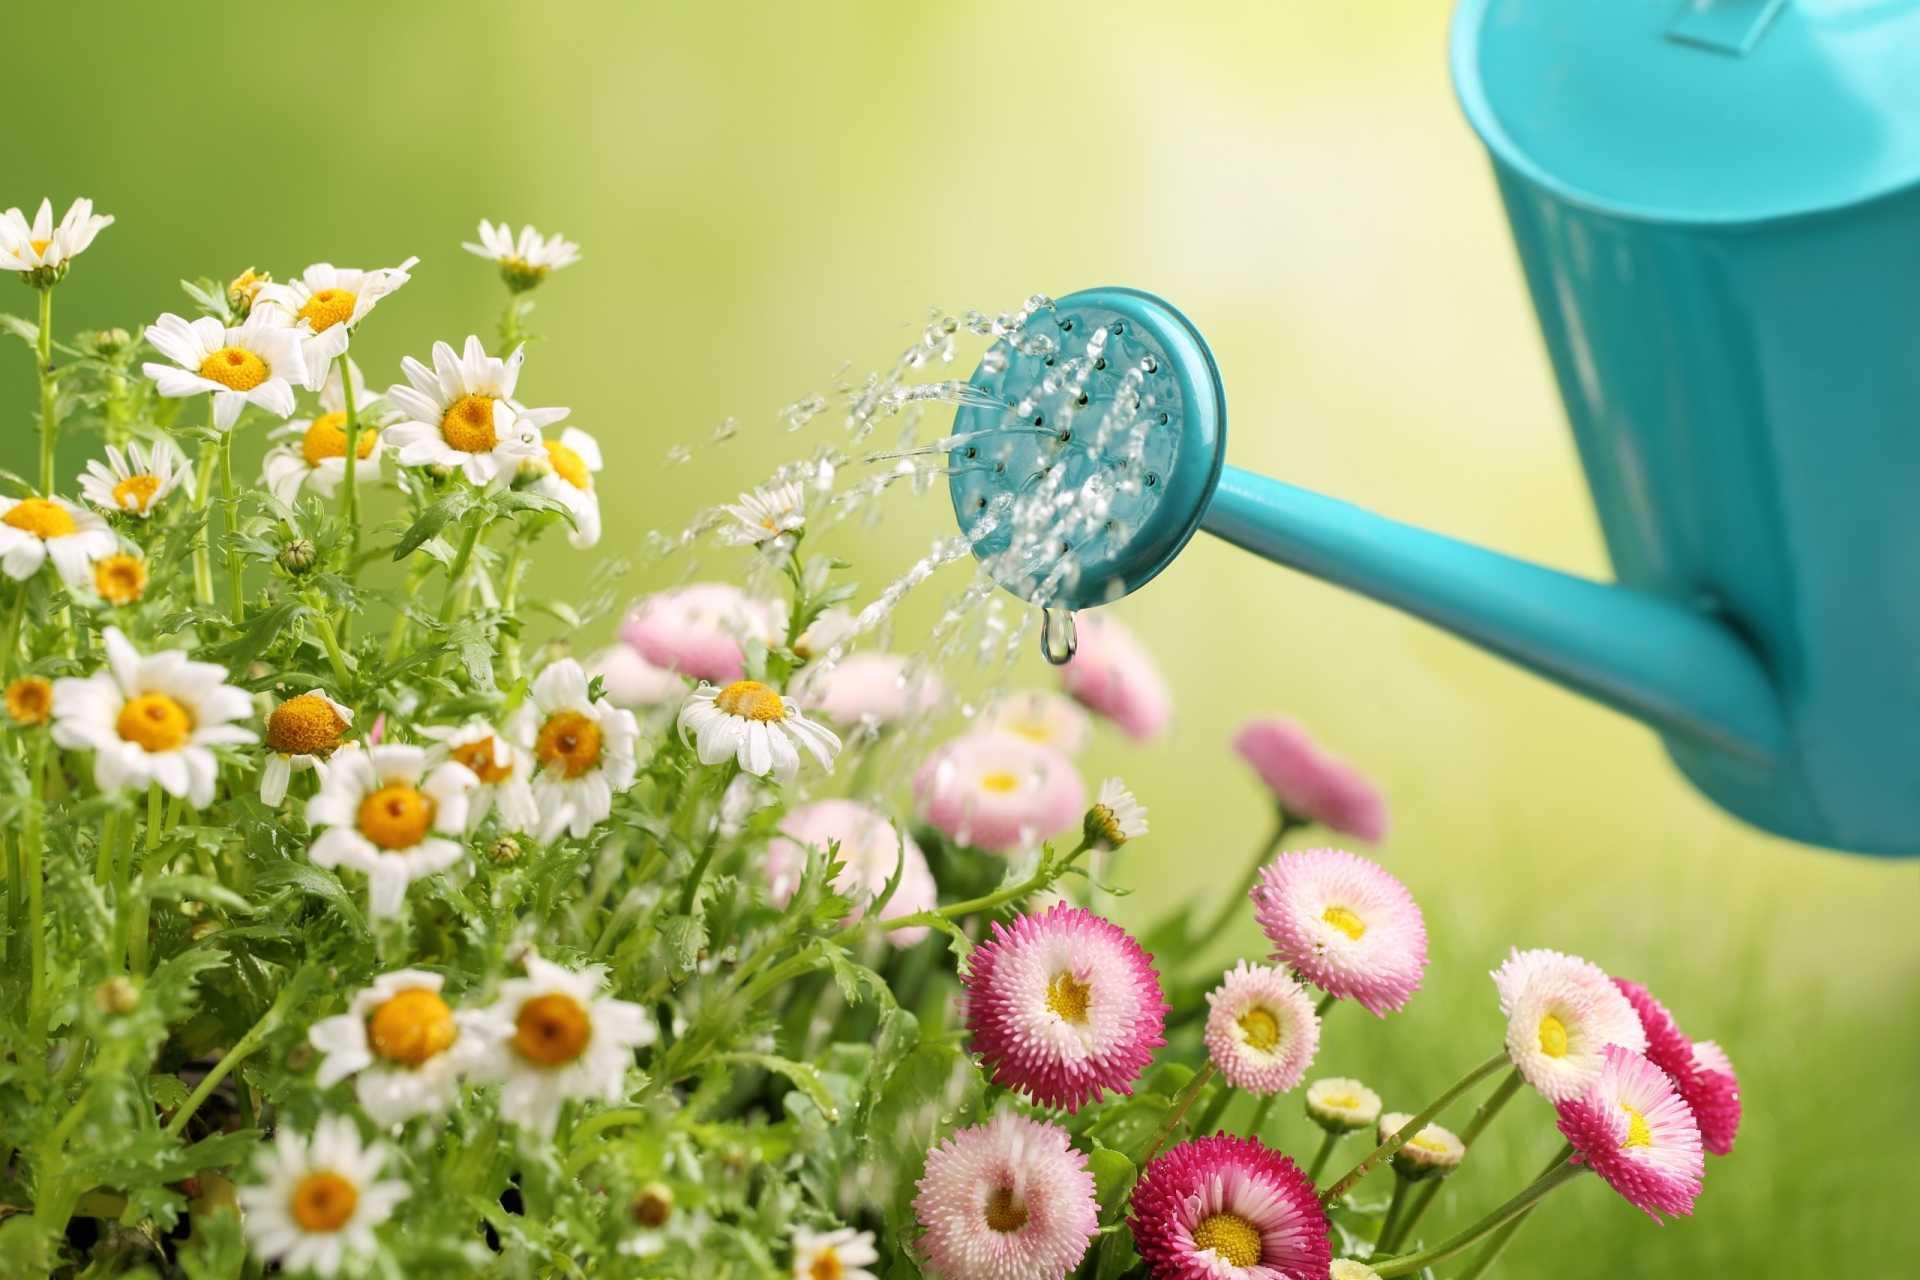 Pflanzen morgens oder abends gießen: Wann ist der perfekte Zeitpunkt?